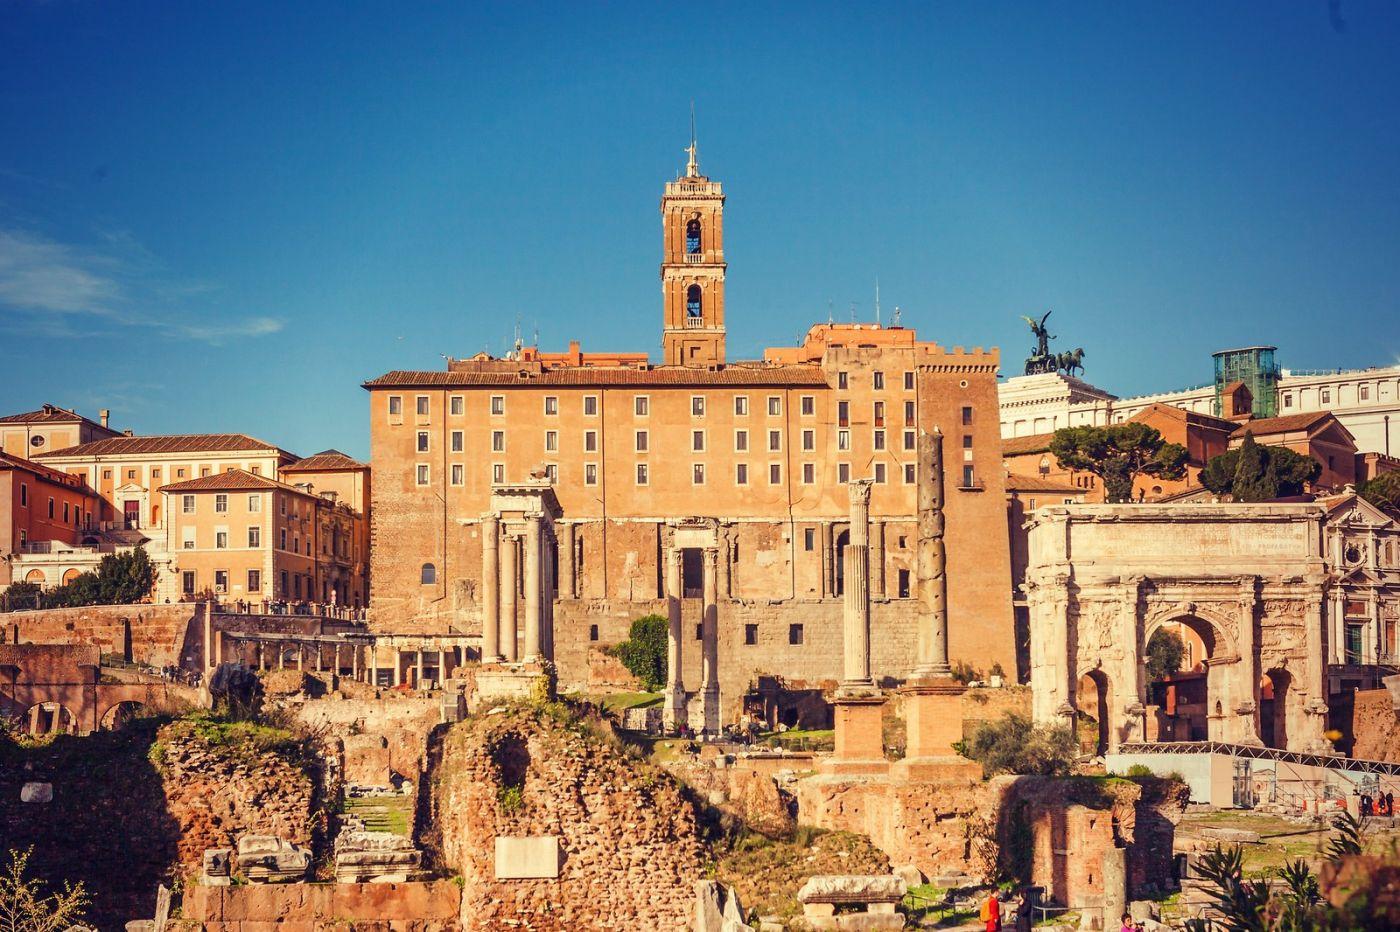 意大利罗马论坛,二千年的历史_图1-14